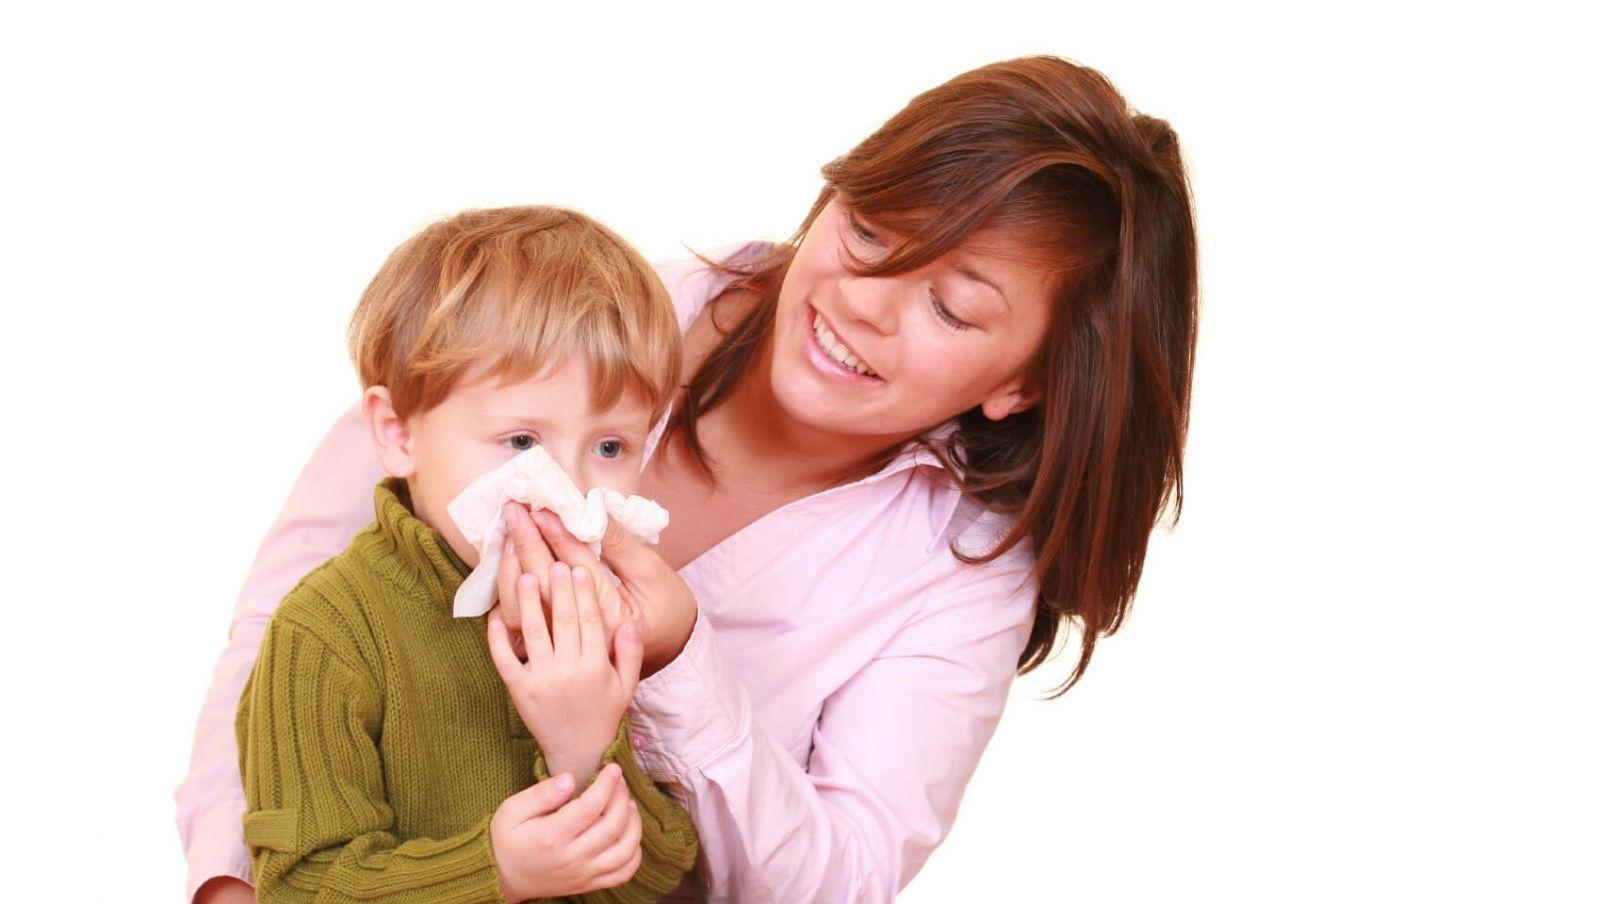 Hậu quả nghiêm trọng từ thói quen ngoáy mũi, hỉ mũi quá mạnh ở trẻ